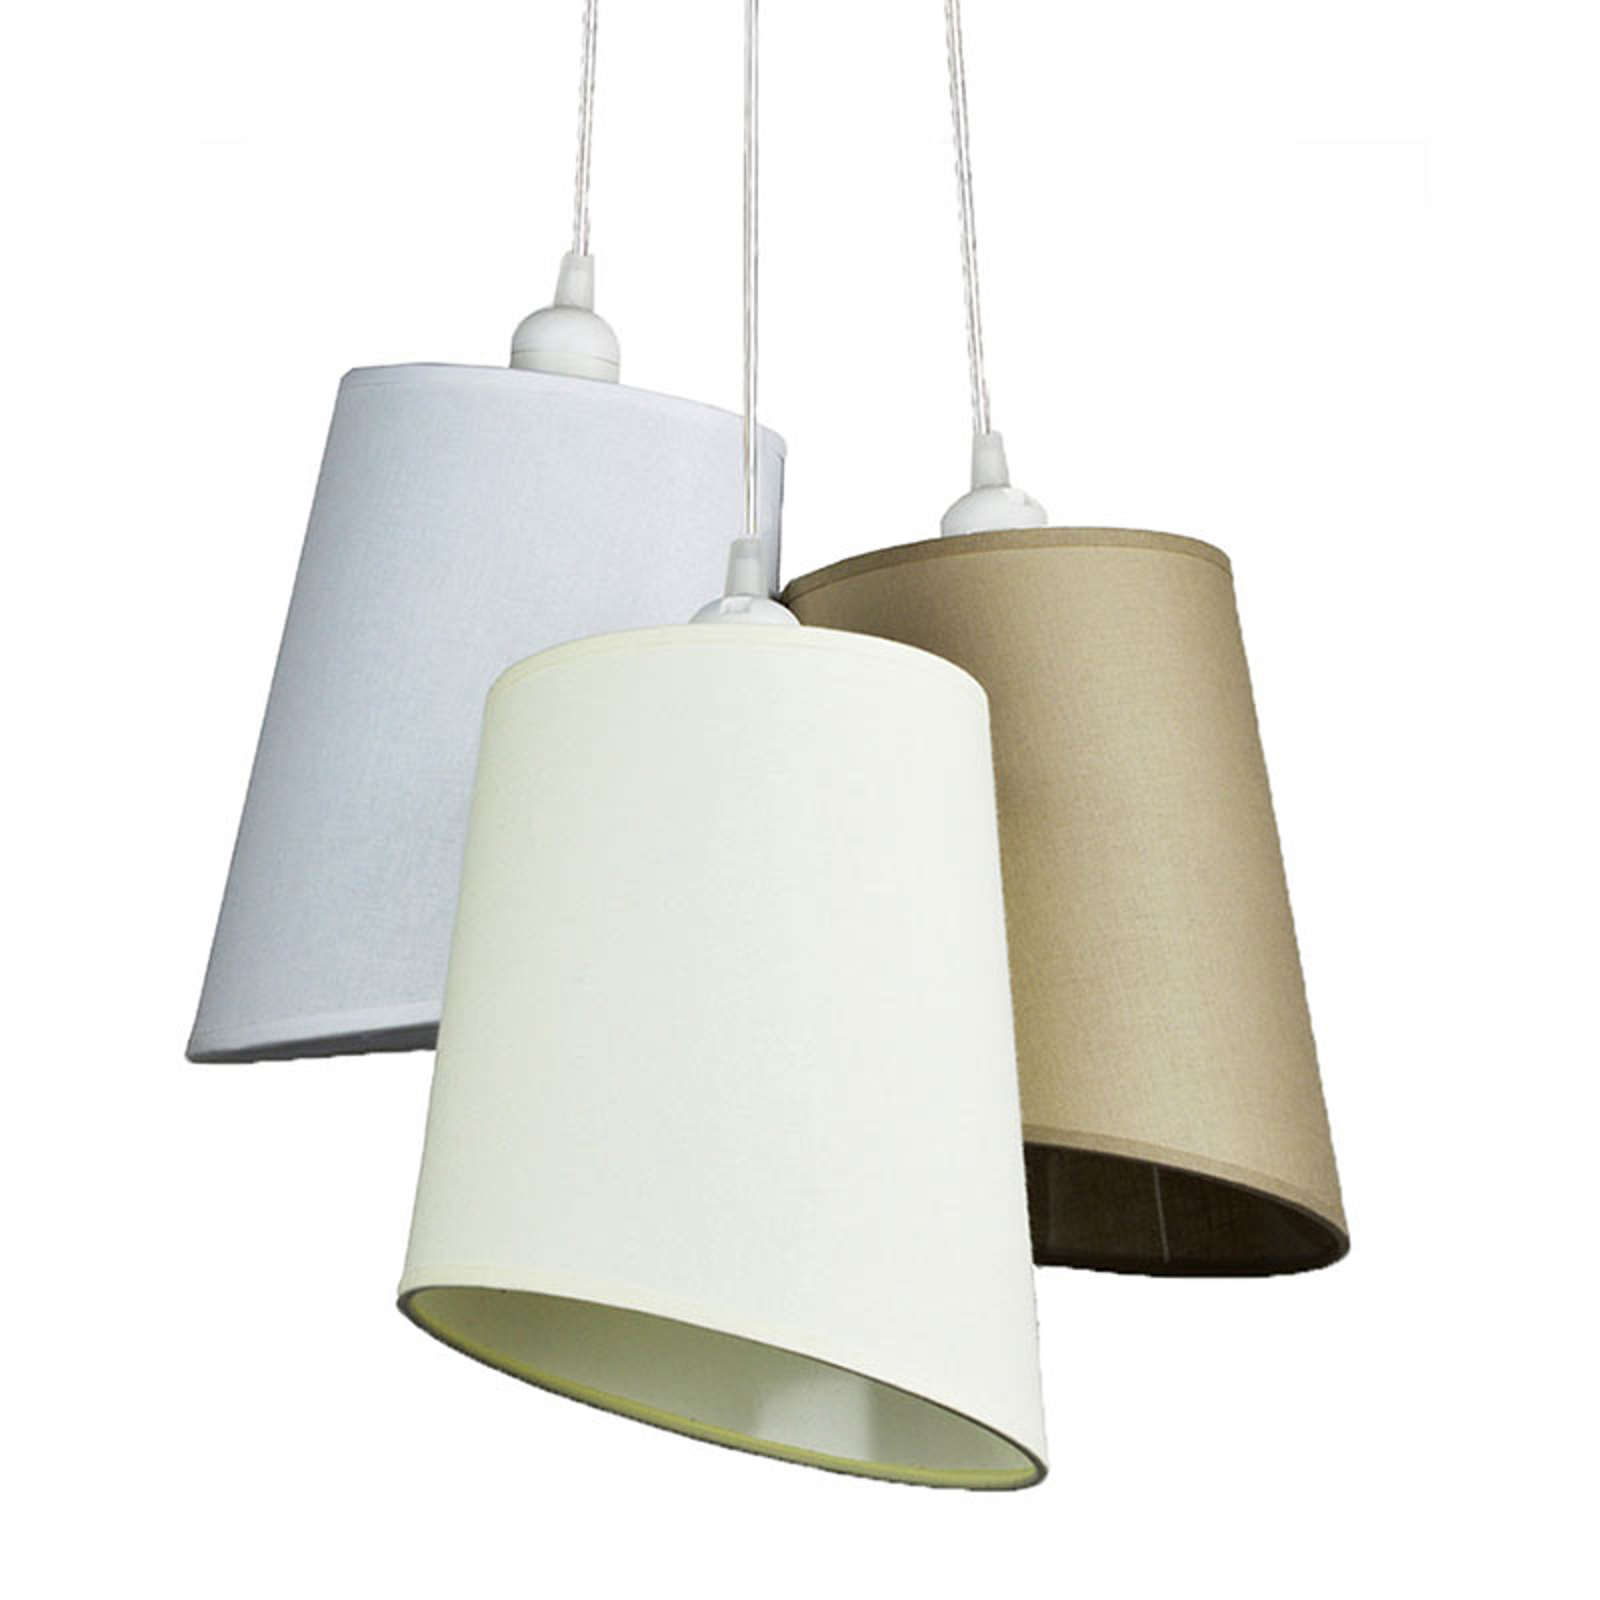 Hanglamp Verona 3-lamps wit/écru/beige